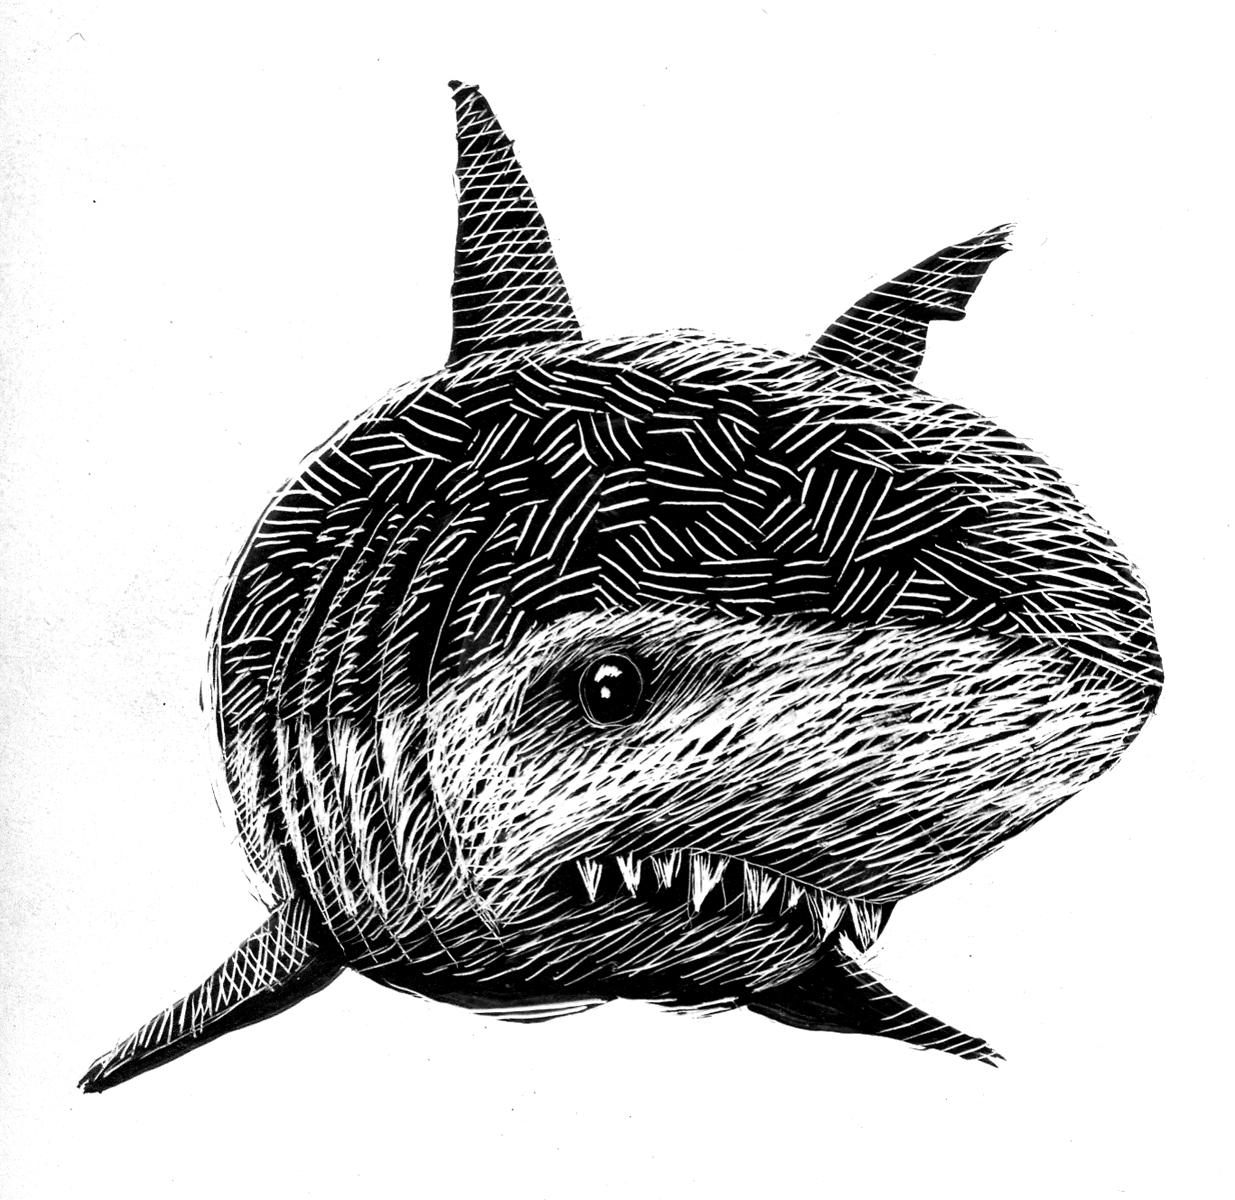 scratchboard_shark02.jpg